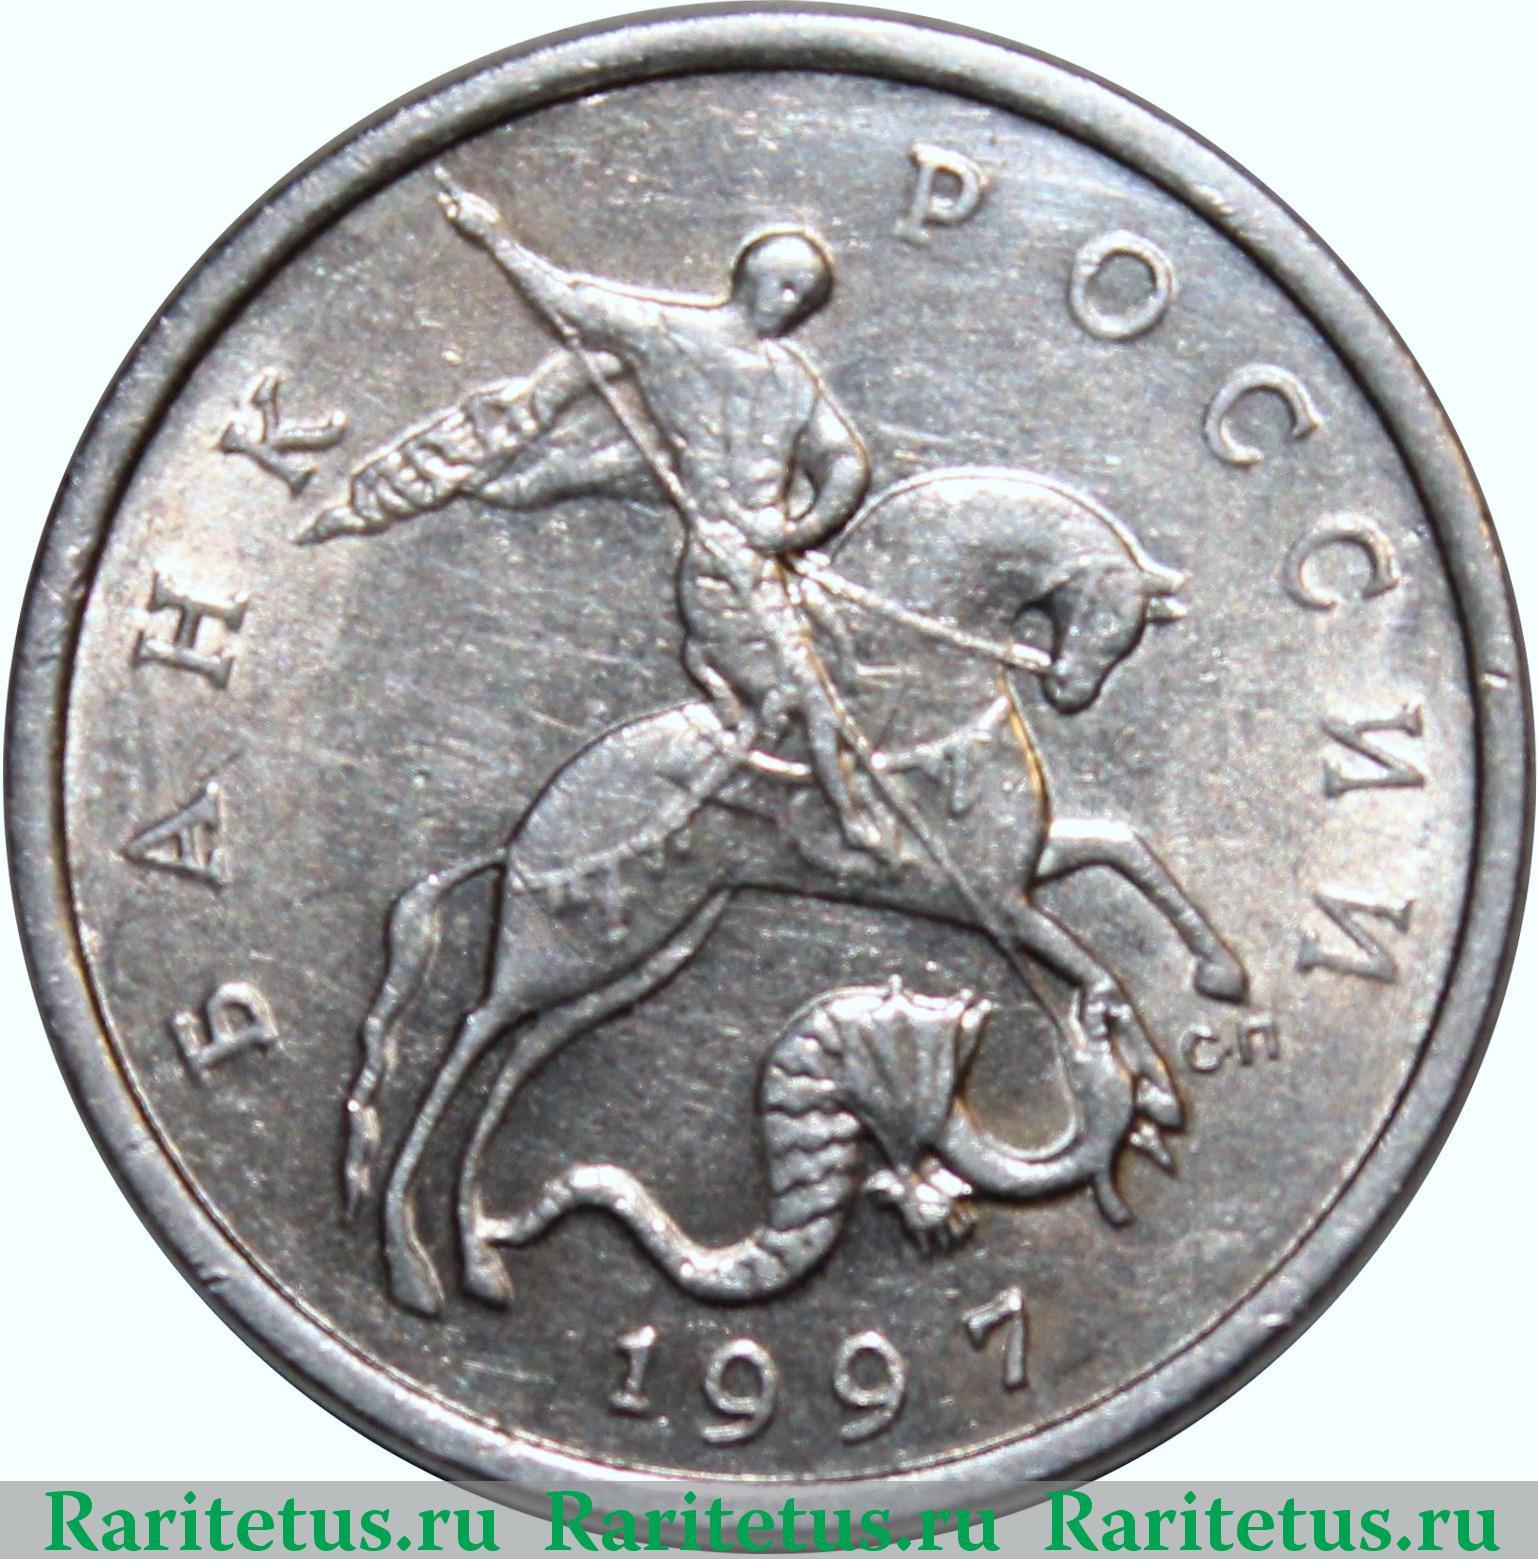 5 копеек 1997 года цена юбилейные монеты сочи 2015